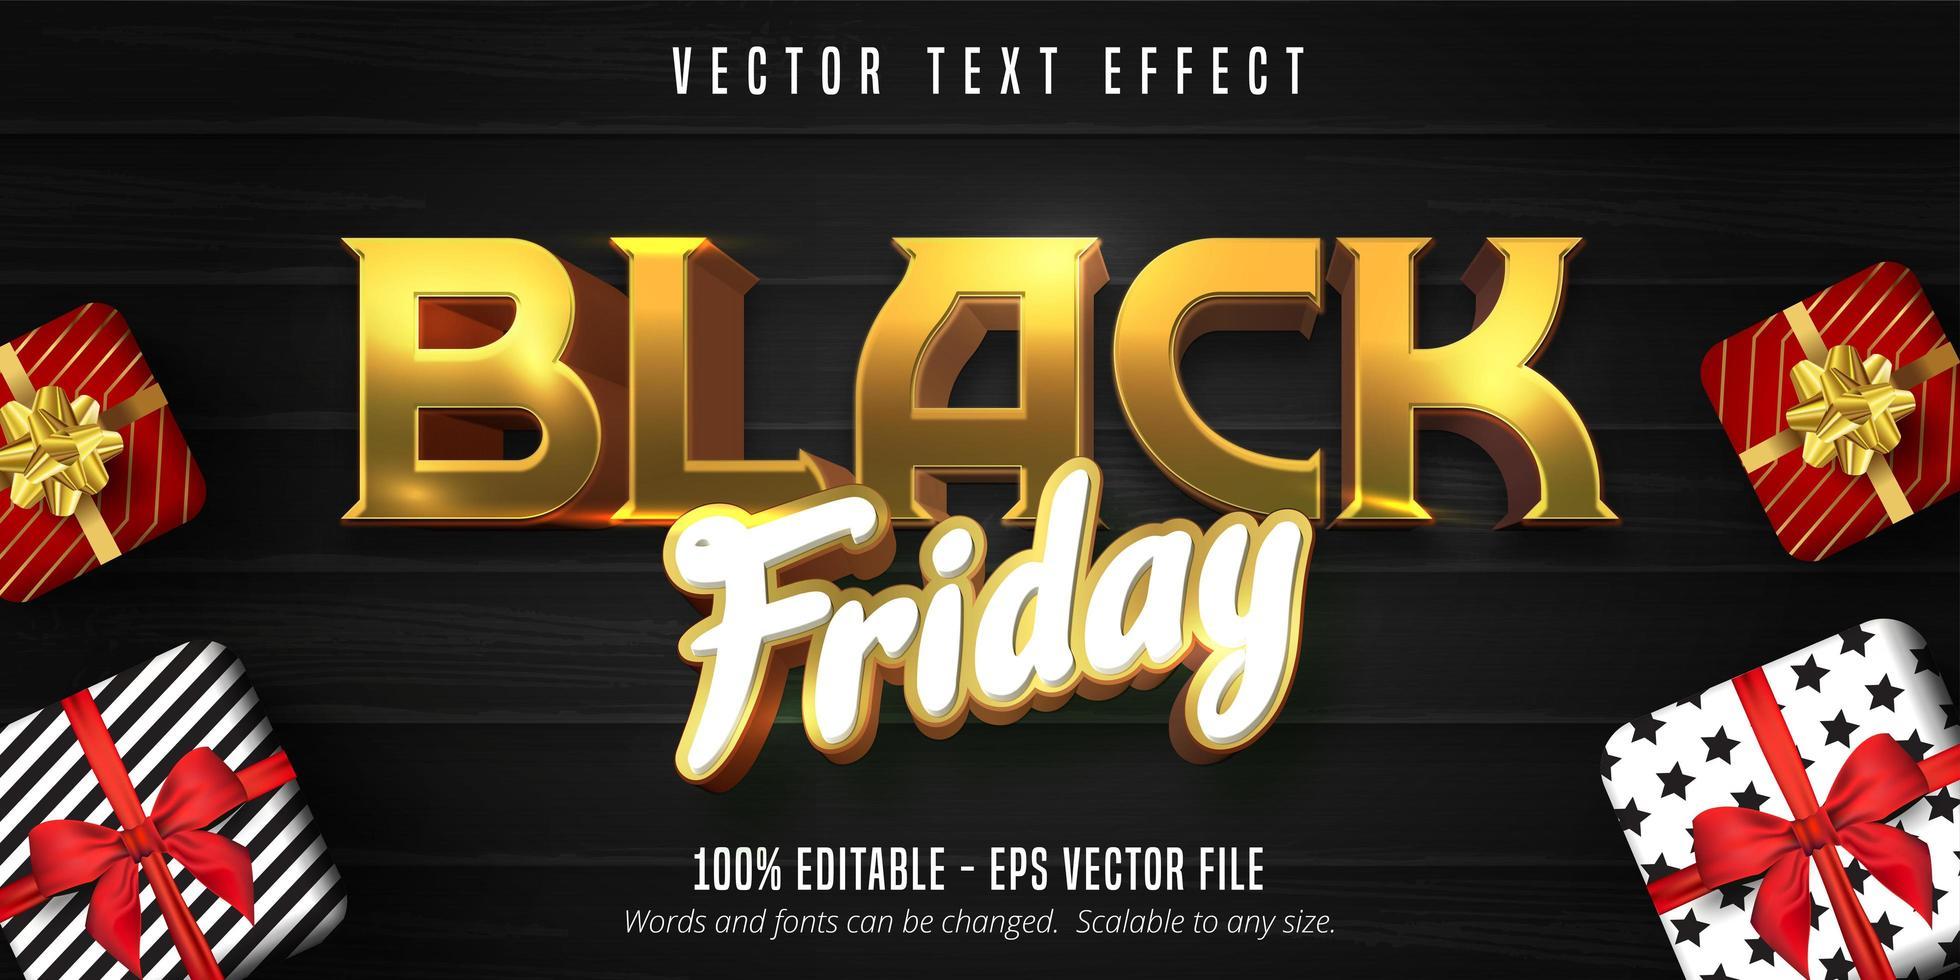 venerdì nero vendita effetto testo banner vettore